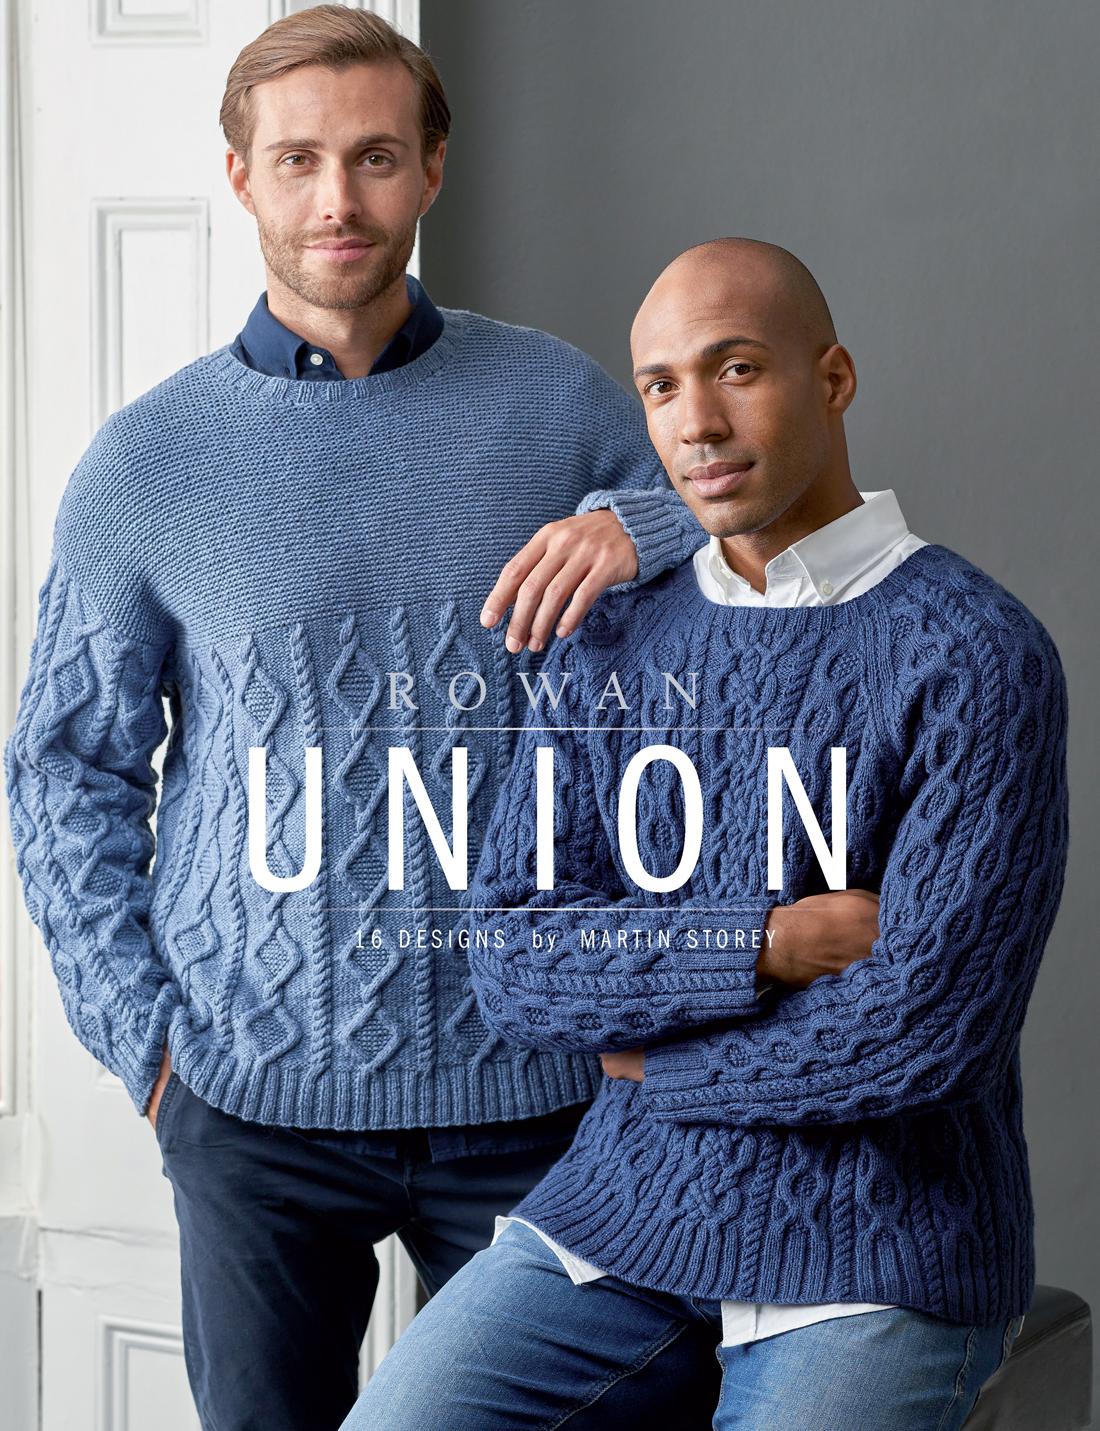 Rowan Union breiboek verkrijgbaar bij de Afstap